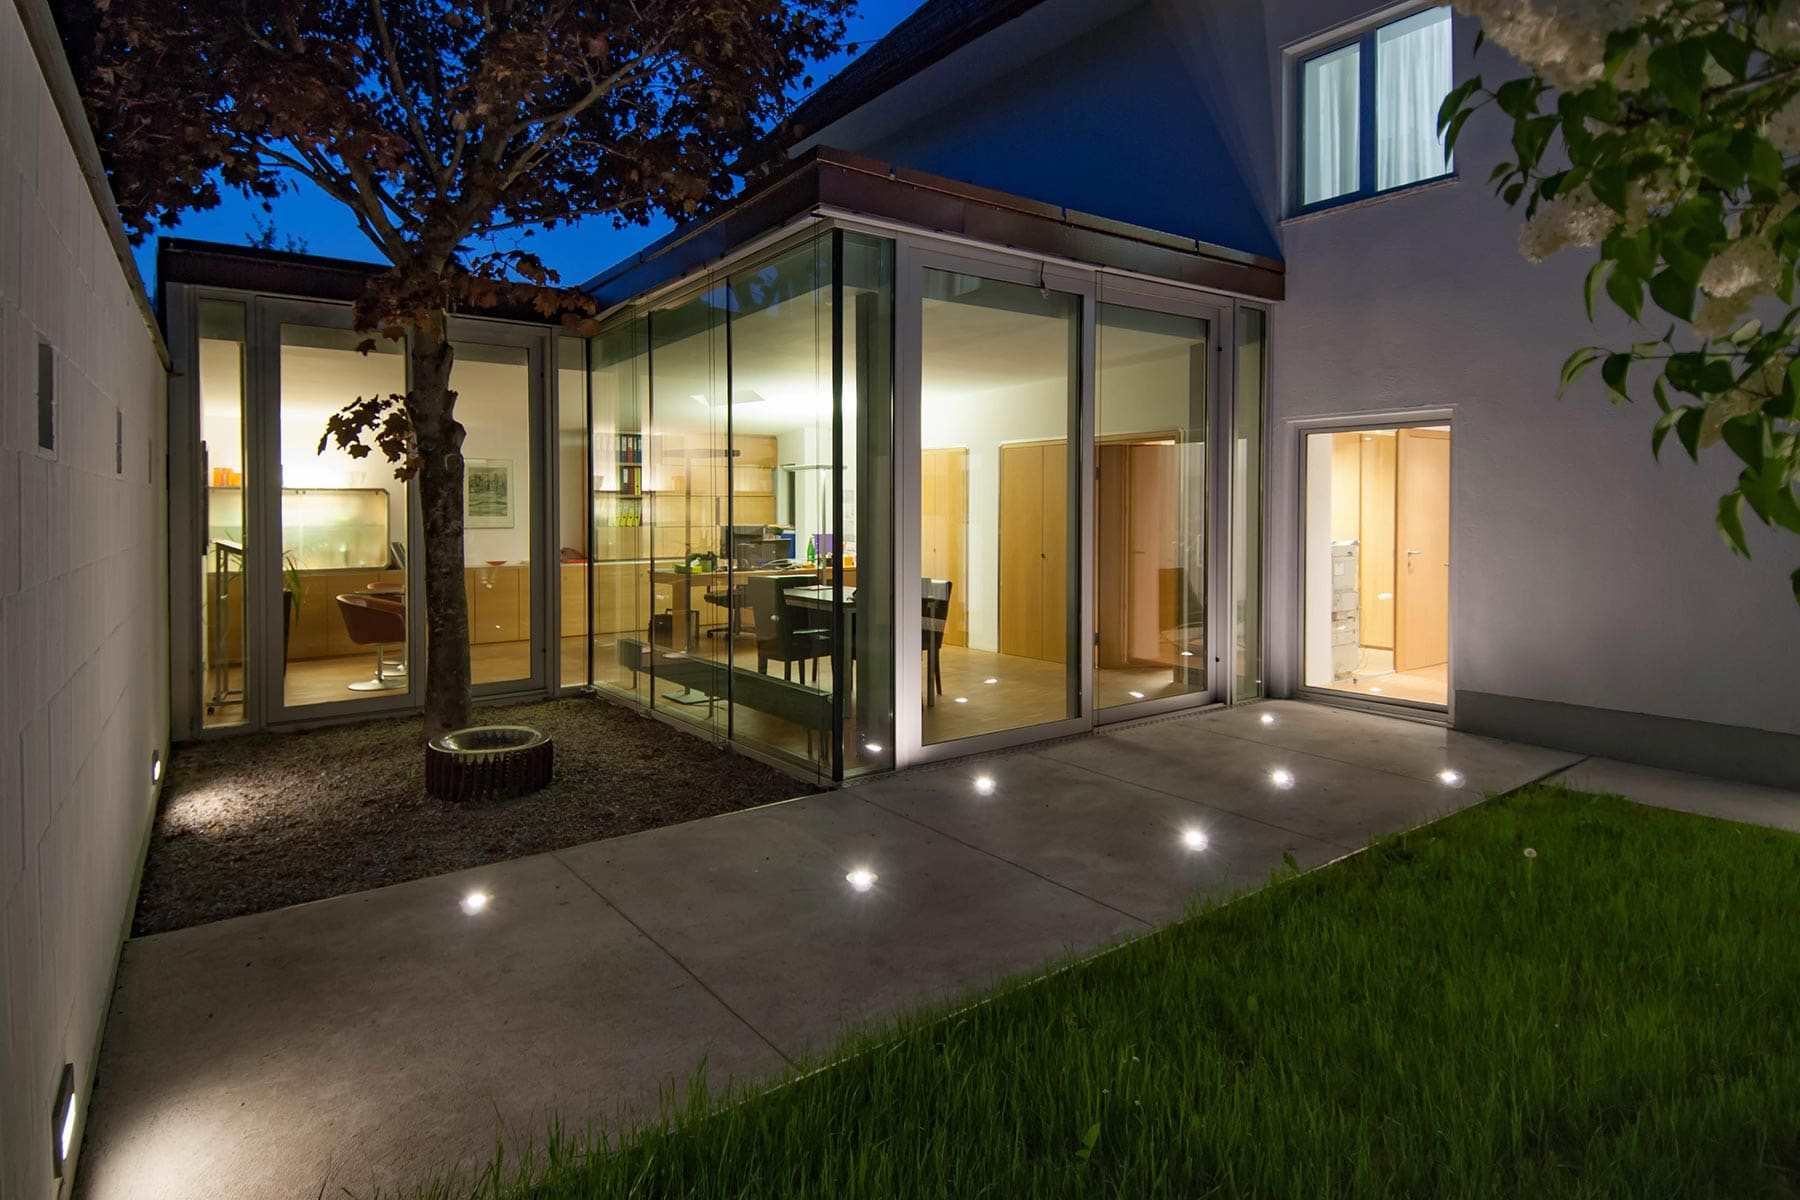 innenhof, abend, architekt, büro, büroumbau, zubau, architekturentwurf, fassade, kunst, innenhof, büro im garten, baum, architektur